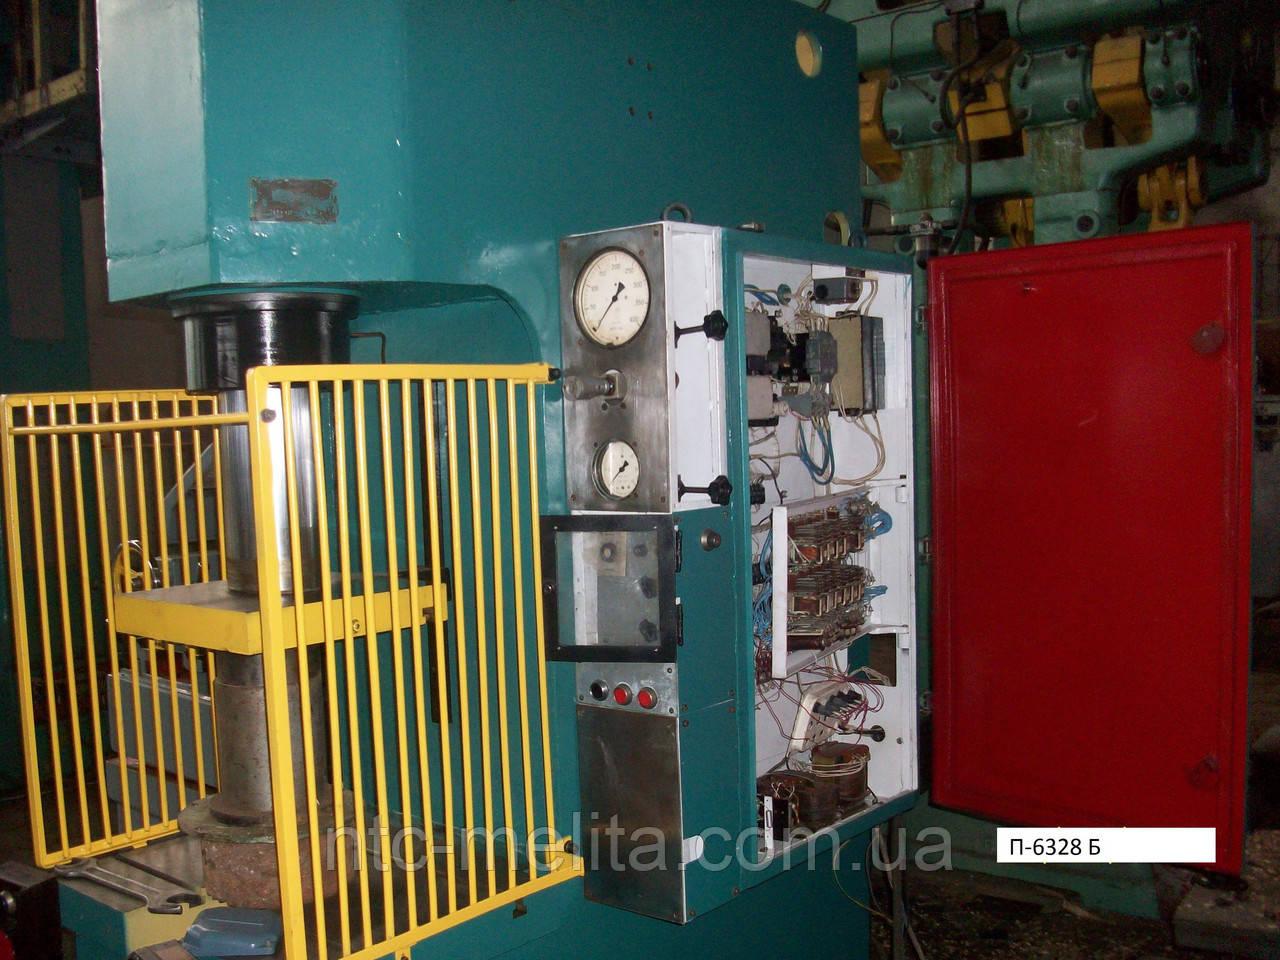 Пресс гидравлический П6328Б